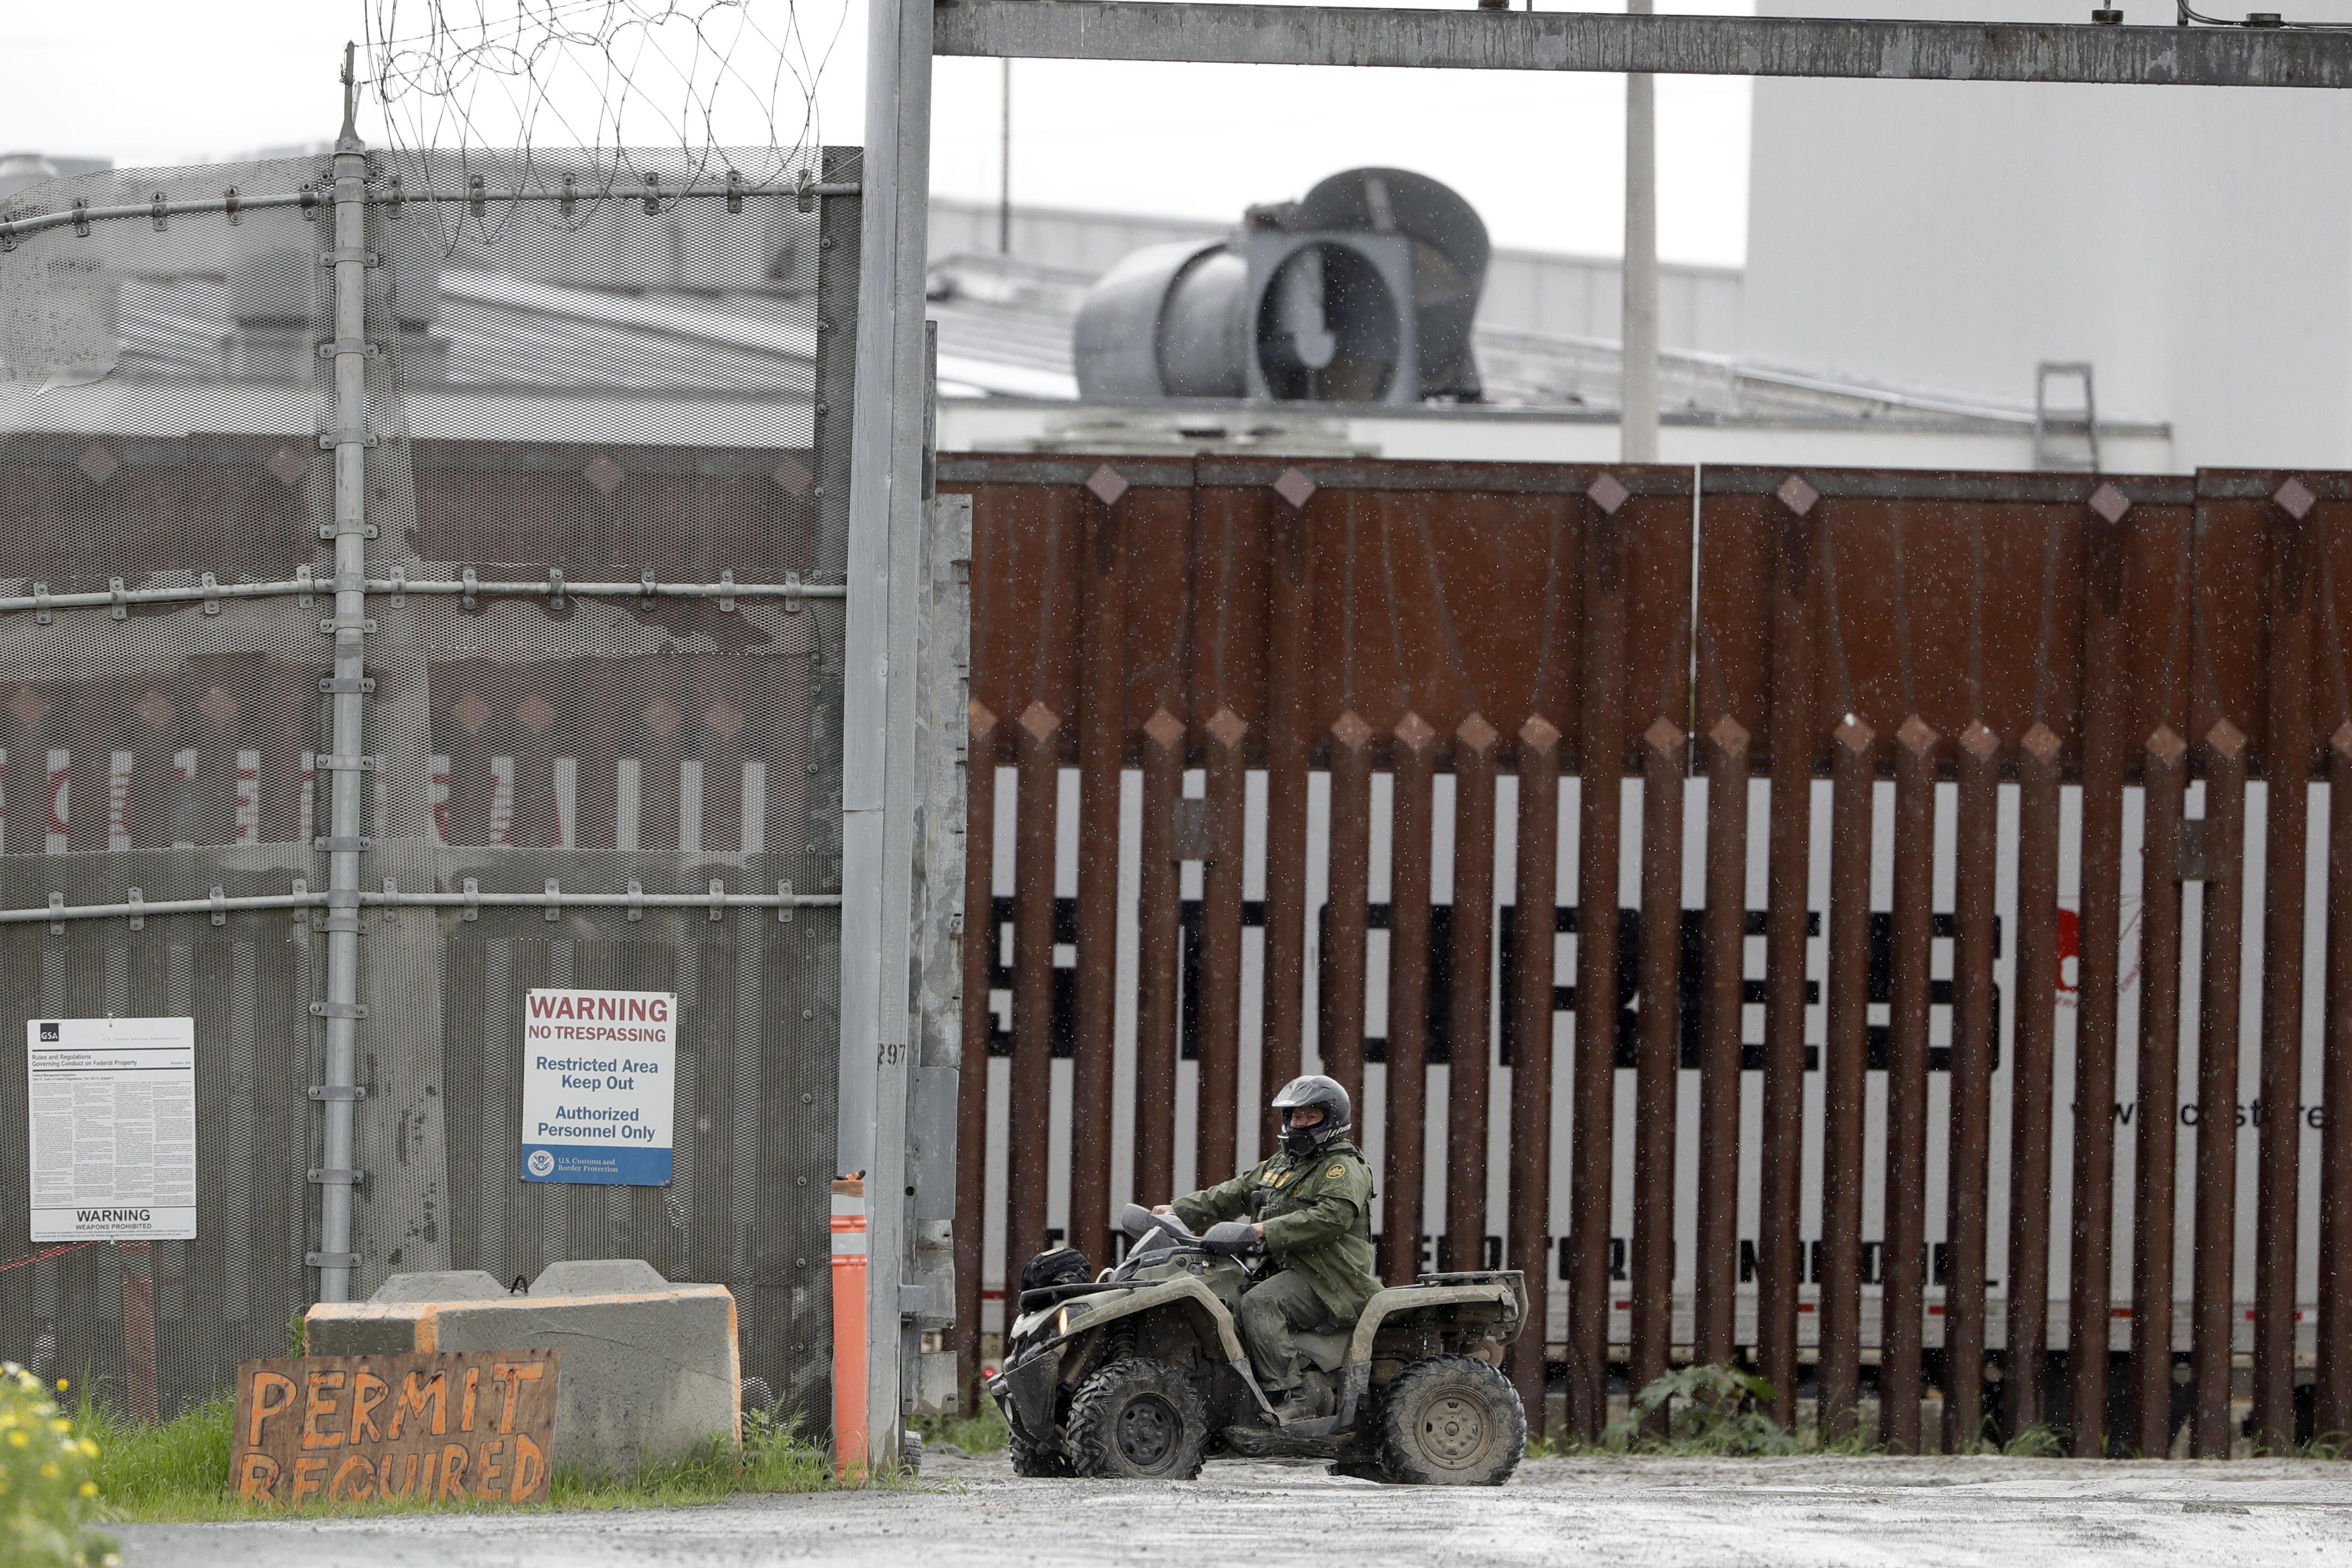 Un agente de la patrulla fronteriza monta un vehículo a lo largo de un muro fronterizo que separa Tijuana, México, de San Diego, el miércoles 18 de marzo de 2020, en San Diego.